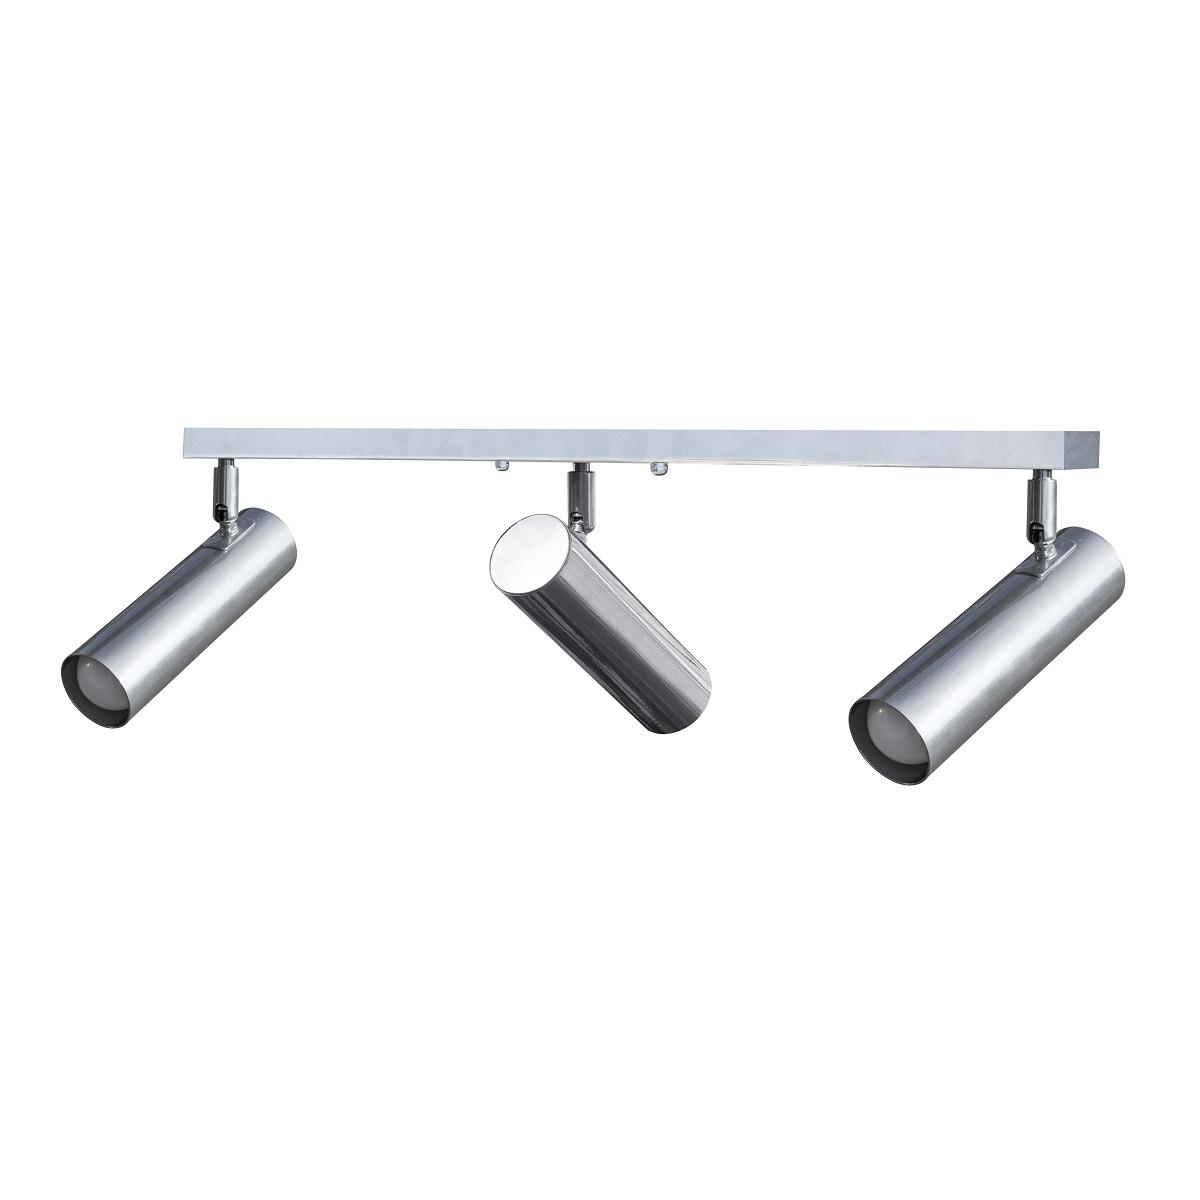 Светильники ЛОФТ - Люстра лофт потолочная с поворотным плафоном 000002788 - Фото 2